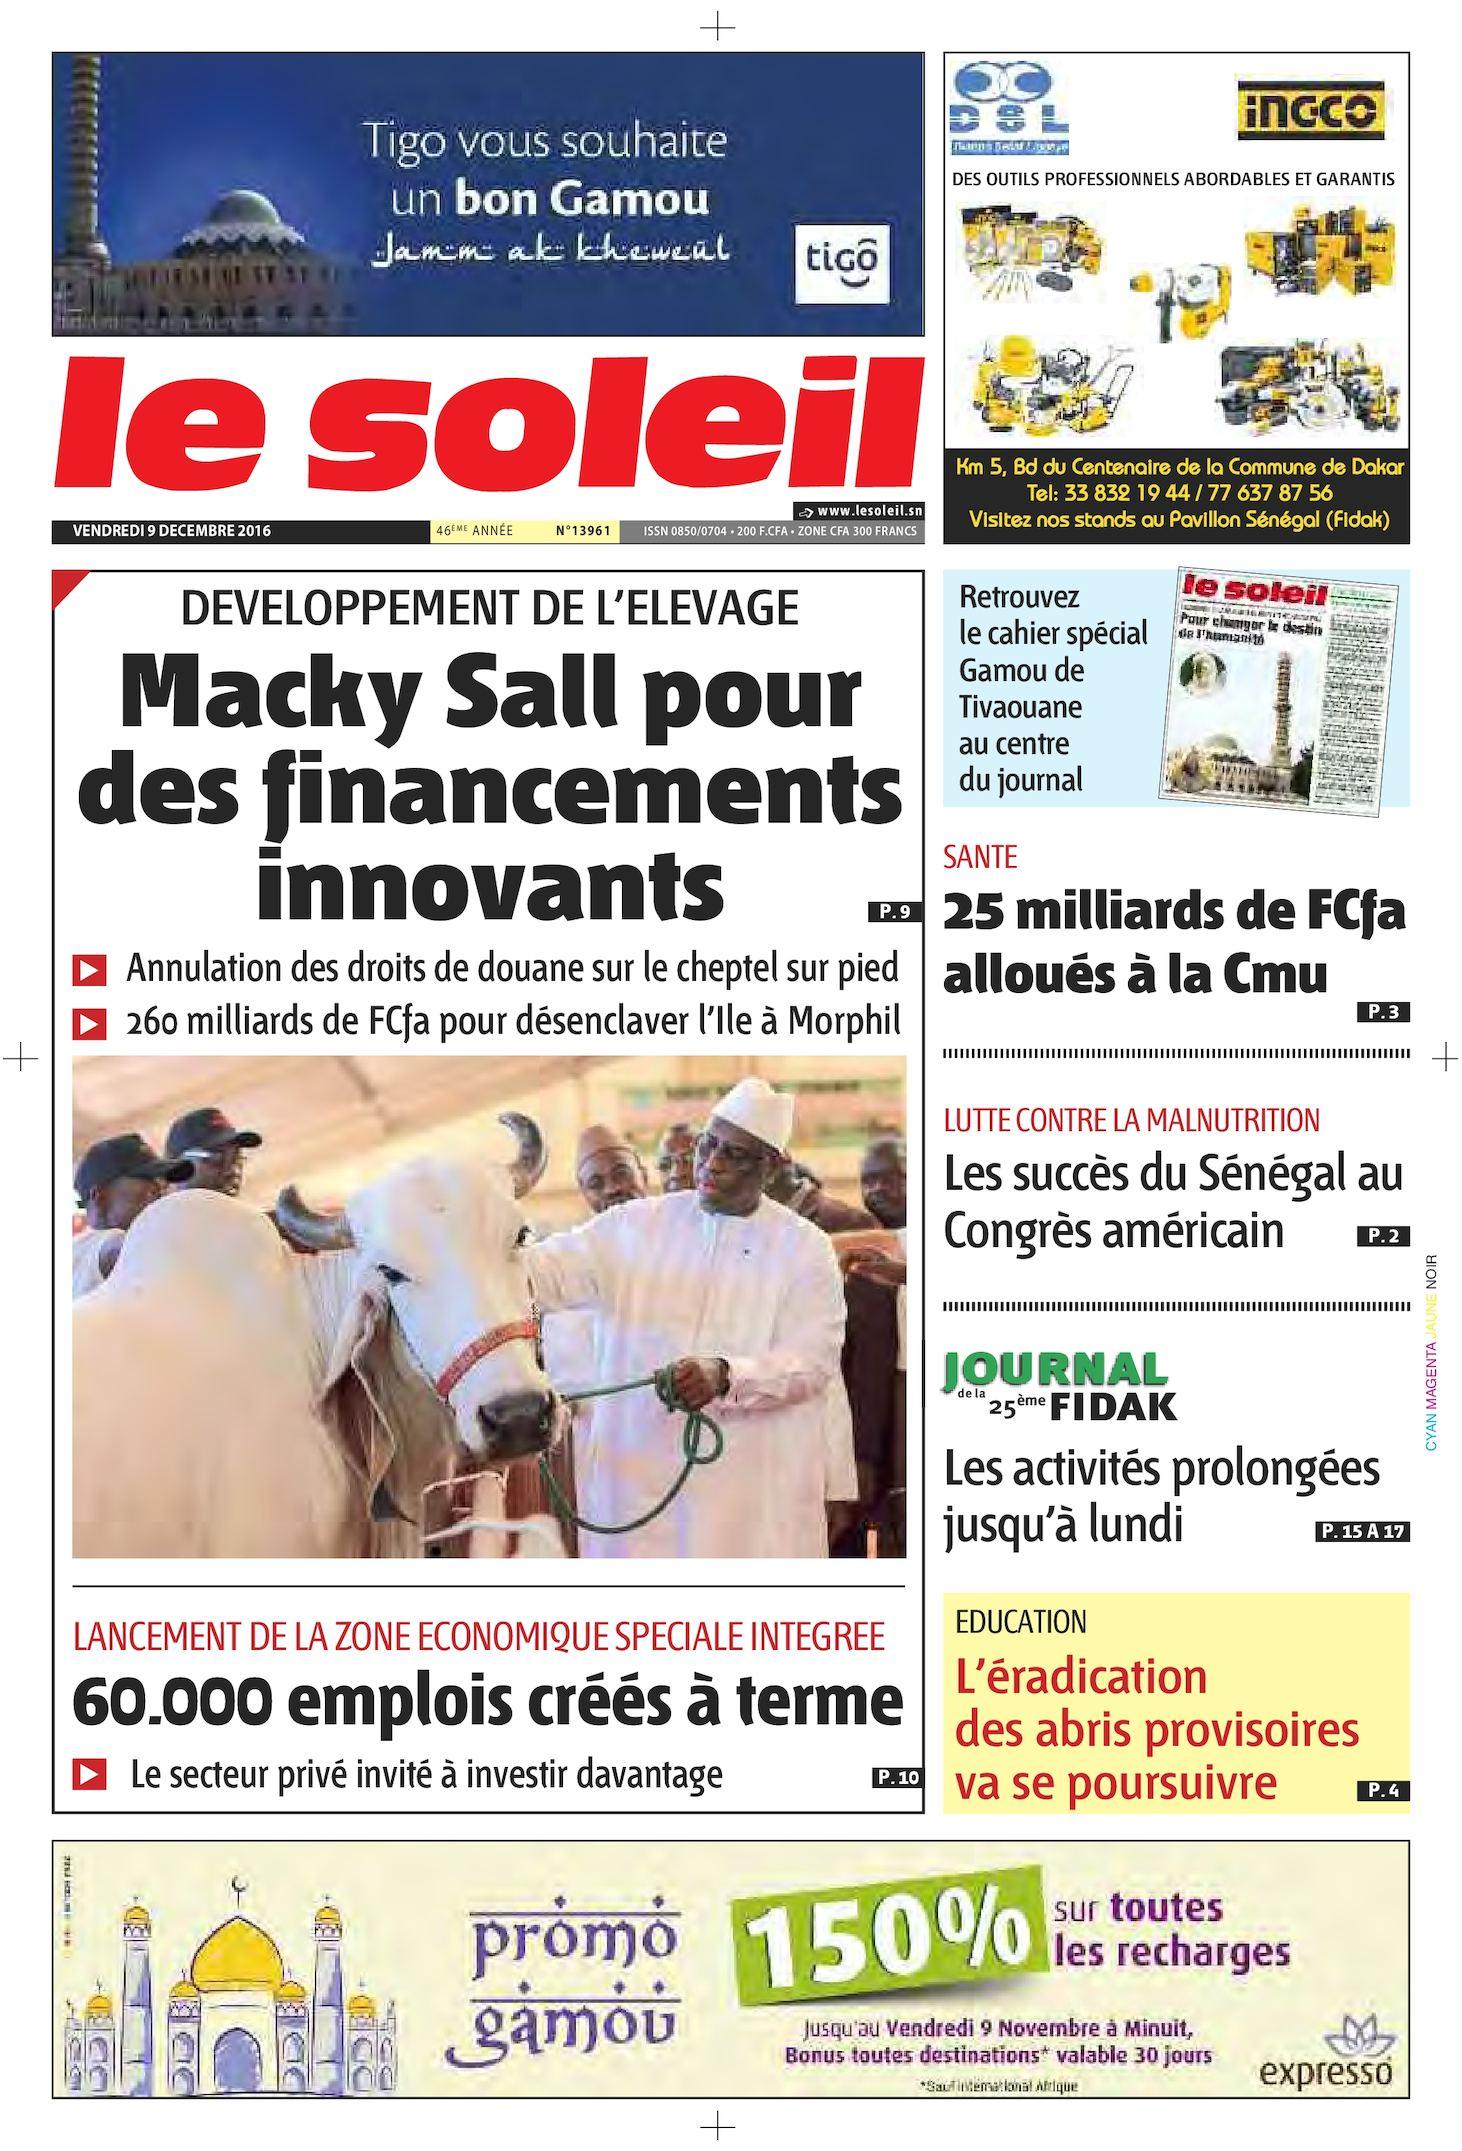 Grille r mun ration apprentissage bts - Grille salaire contrat de professionnalisation ...